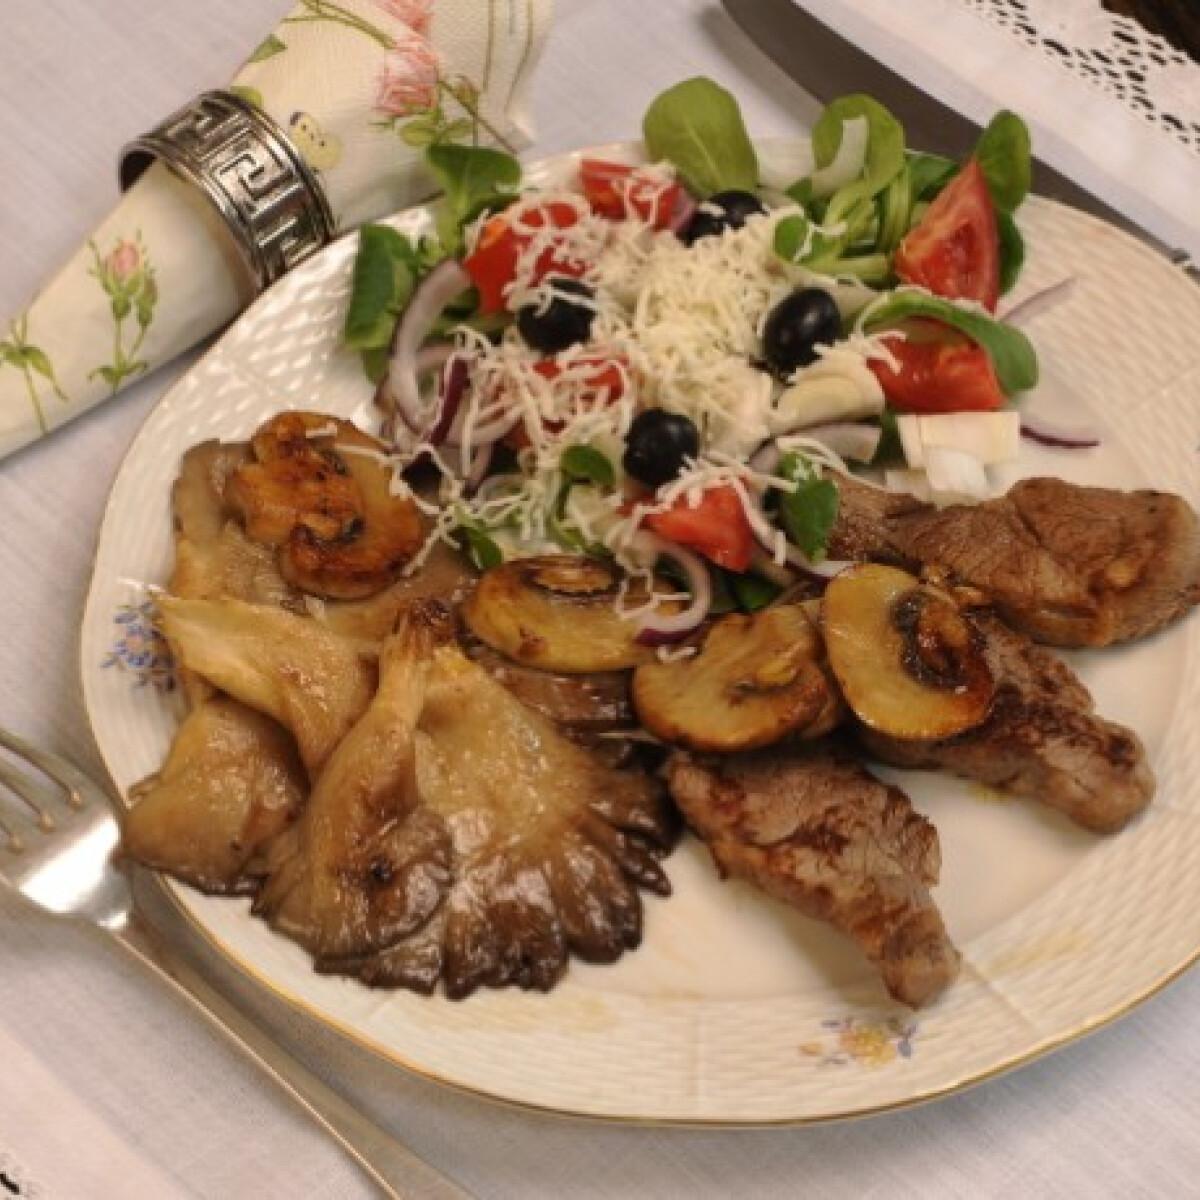 Ezen a képen: Grillezett szűzpecsenye gombával és friss salátával